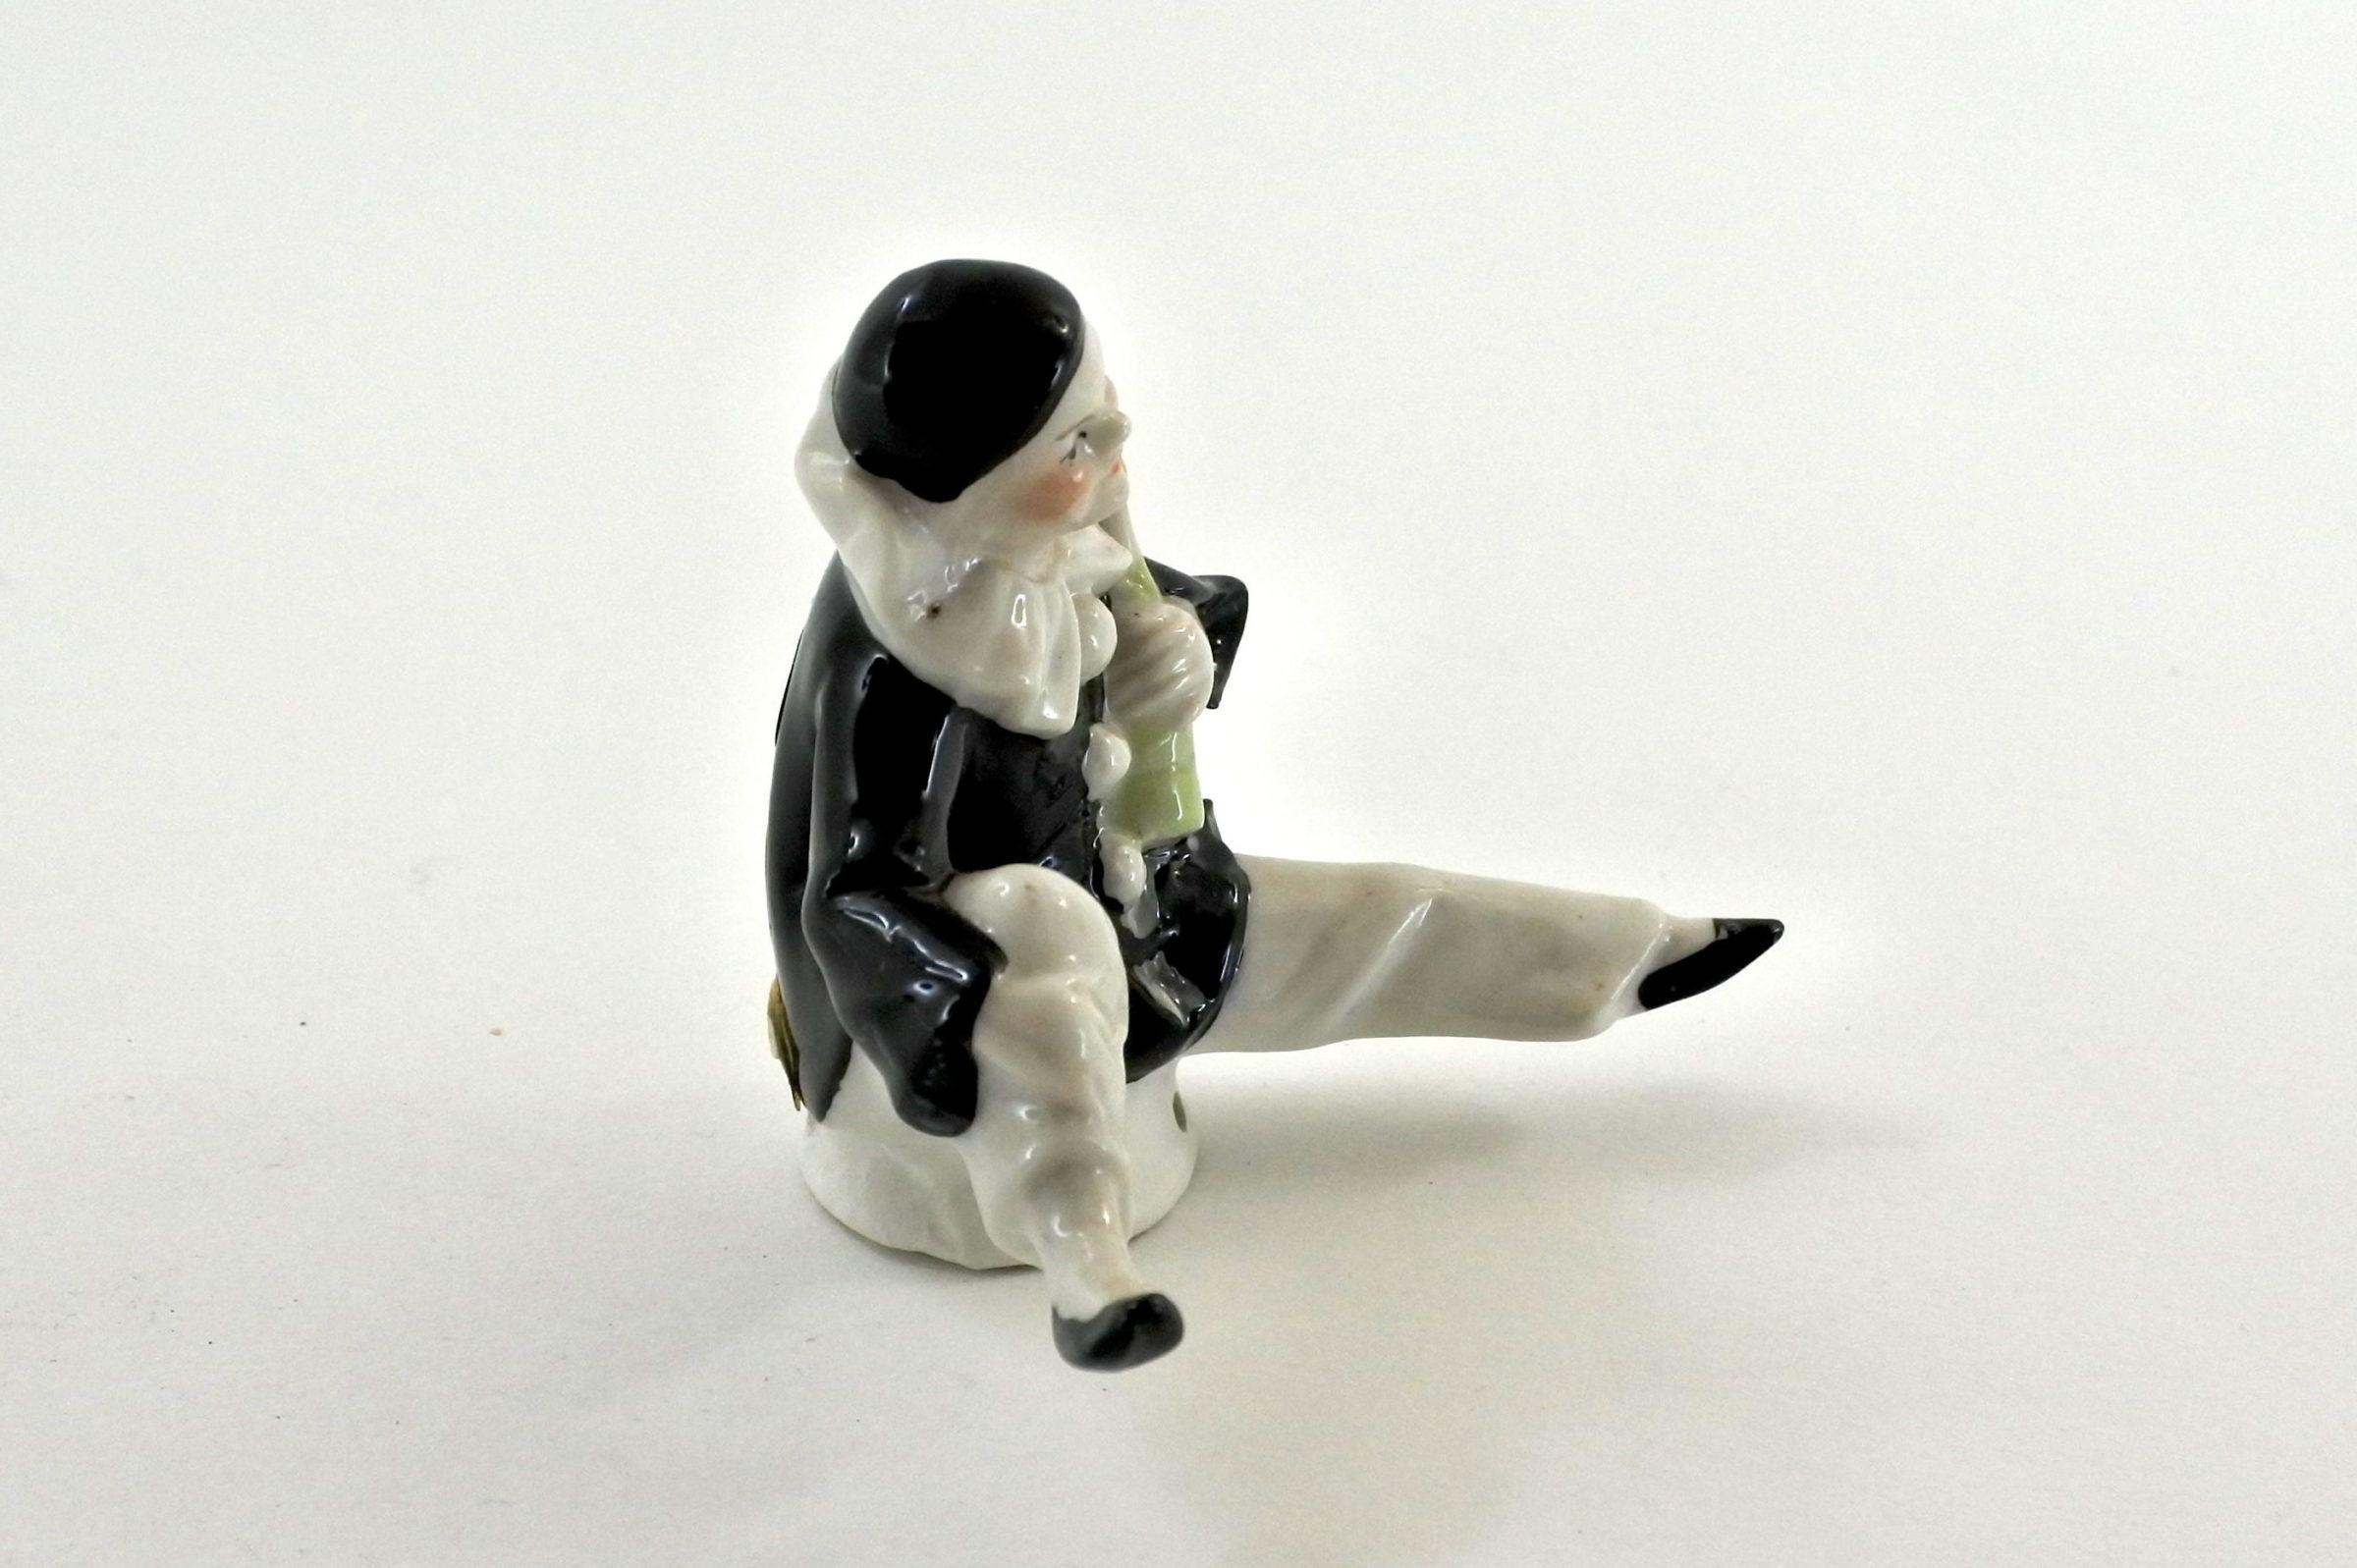 Statuina pierrot in ceramica seduto e con bottiglia in mano - 2